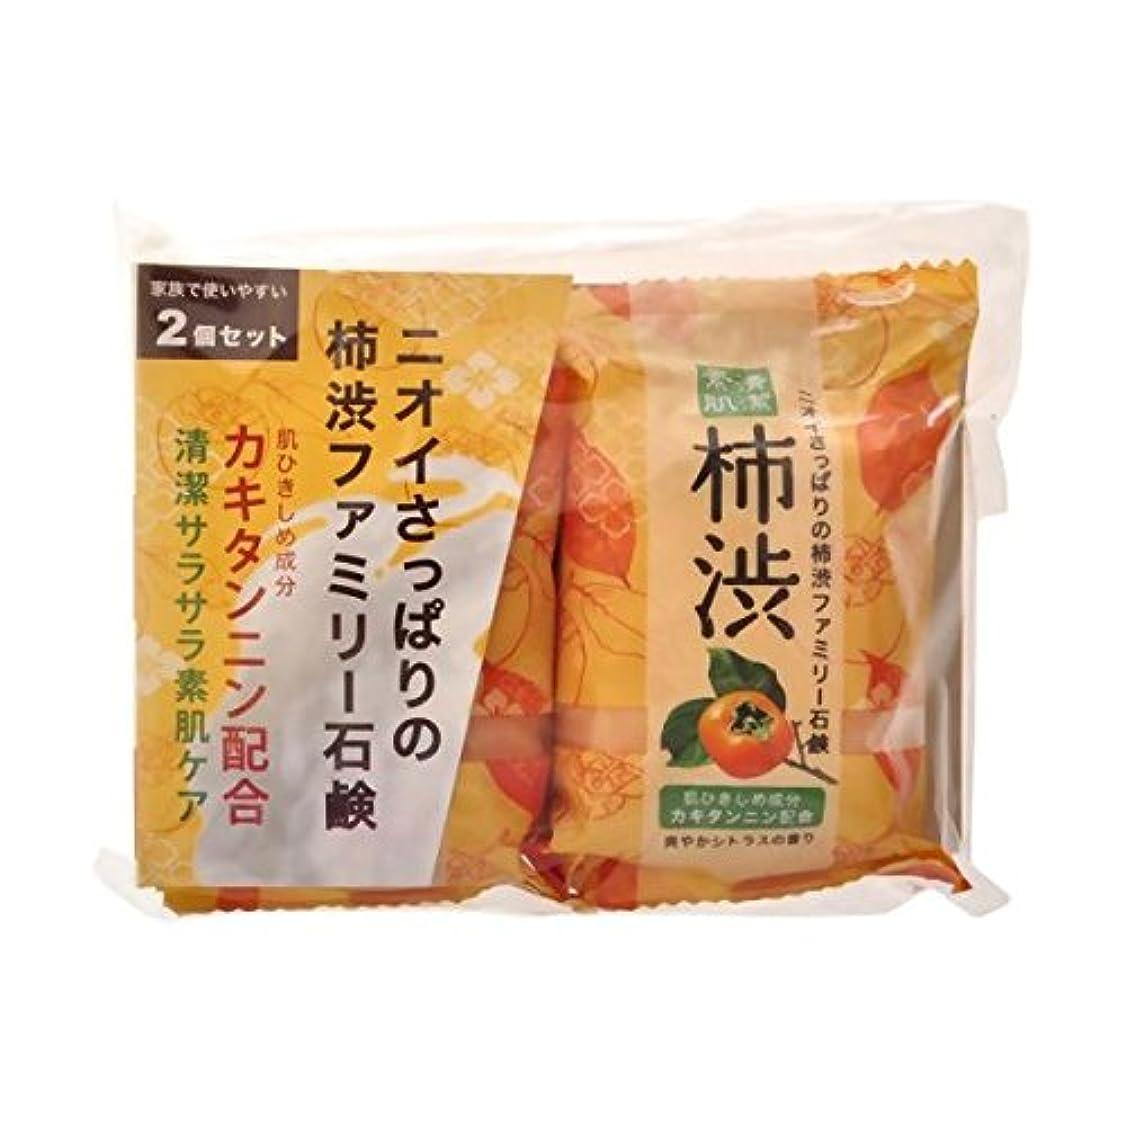 不良品ミュート積極的に【お徳用 6 セット】 ペリカン 柿渋ファミリー石鹸 80g×2個×6セット